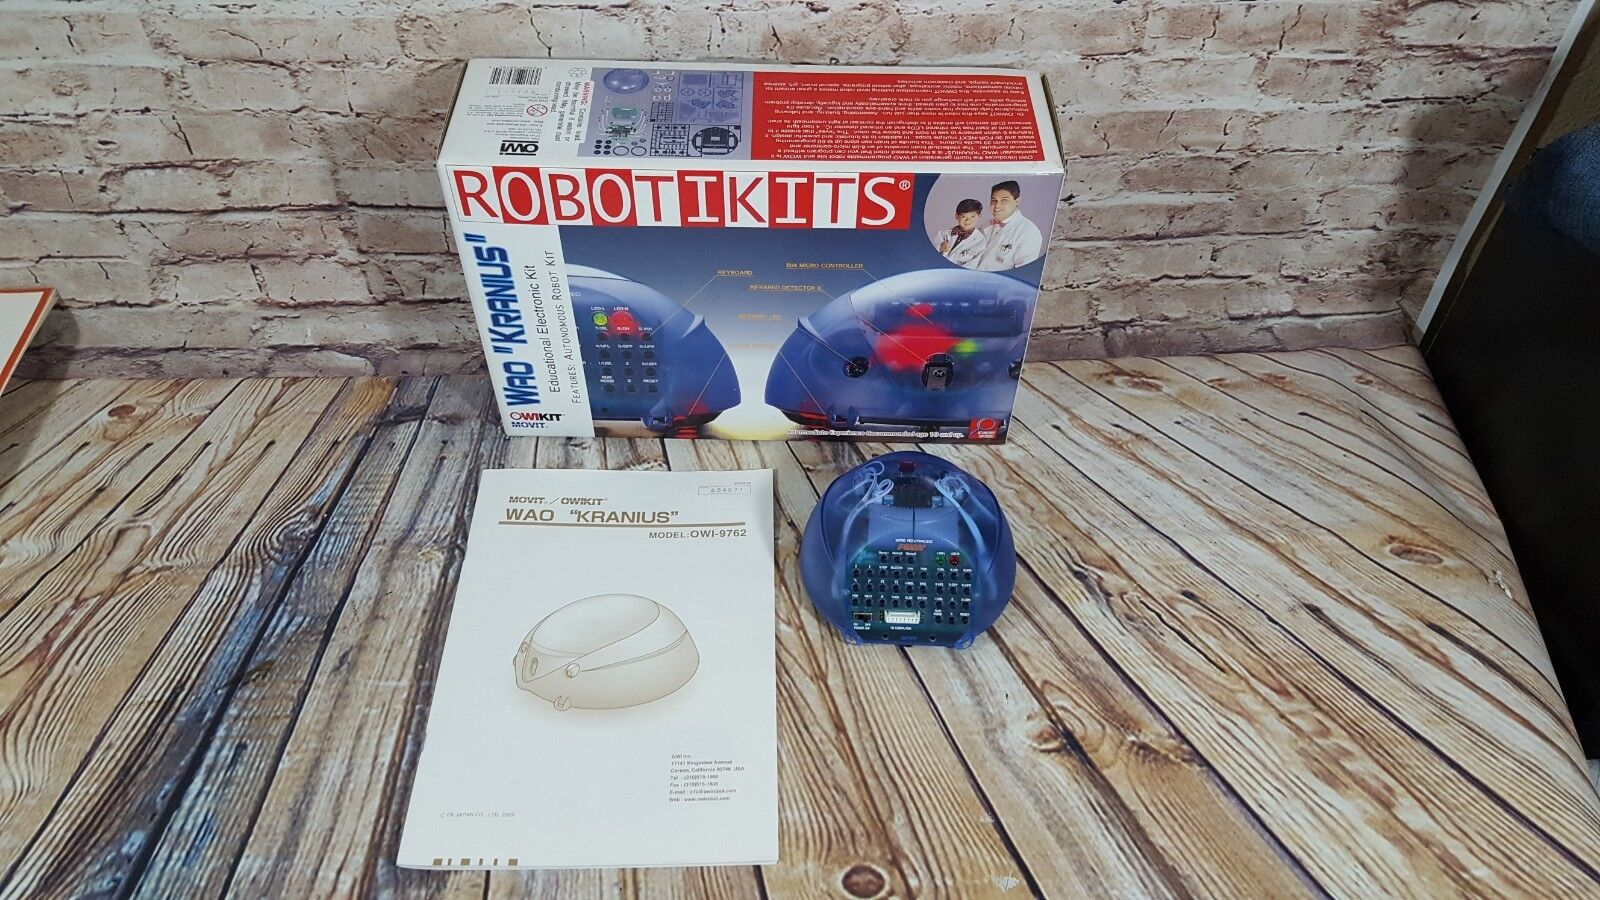 Robotikits WAO Kranius OWI Movit Kit Robot OWI-9762 - Already Built - As IS